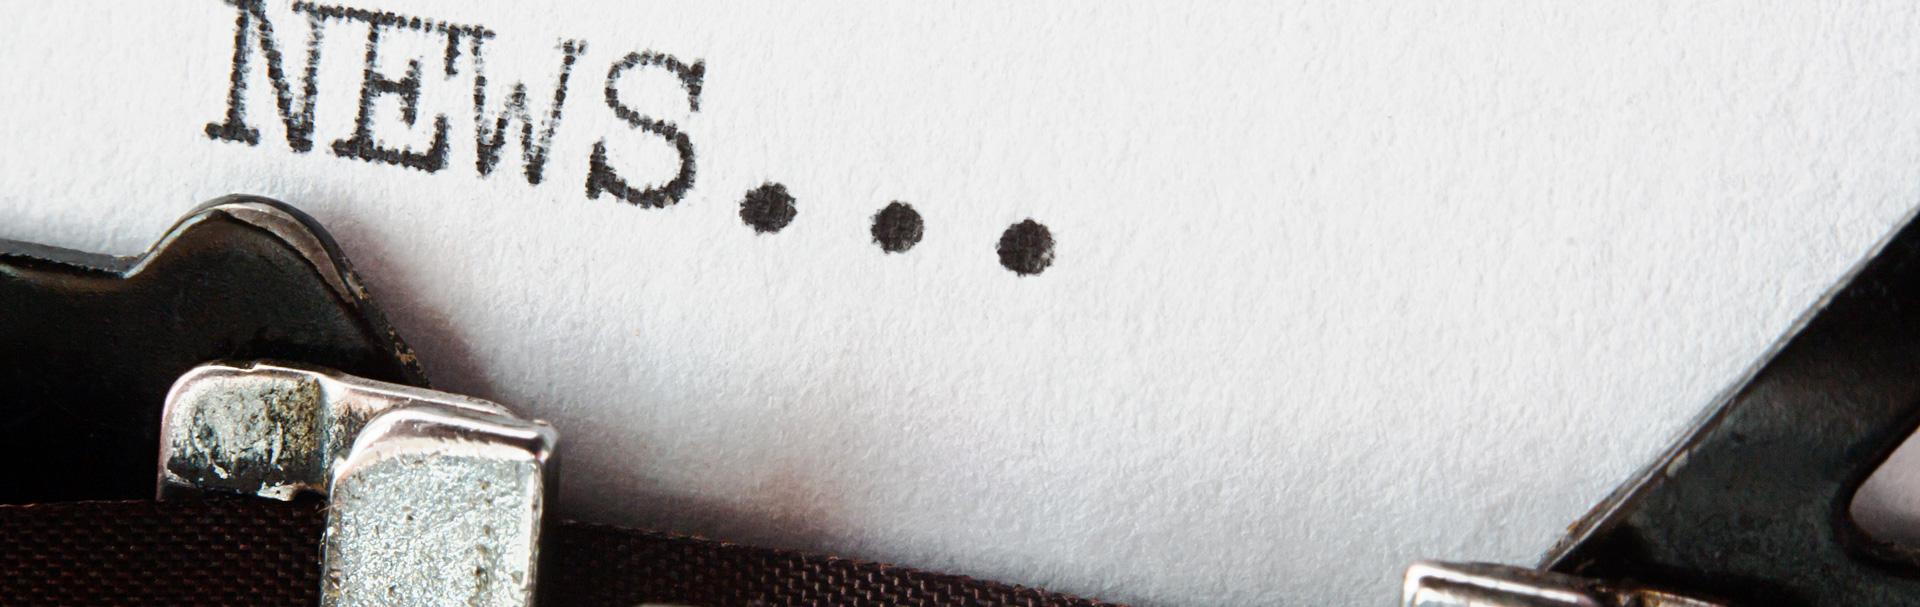 Letras NEWS en máquina de escribir tradicional